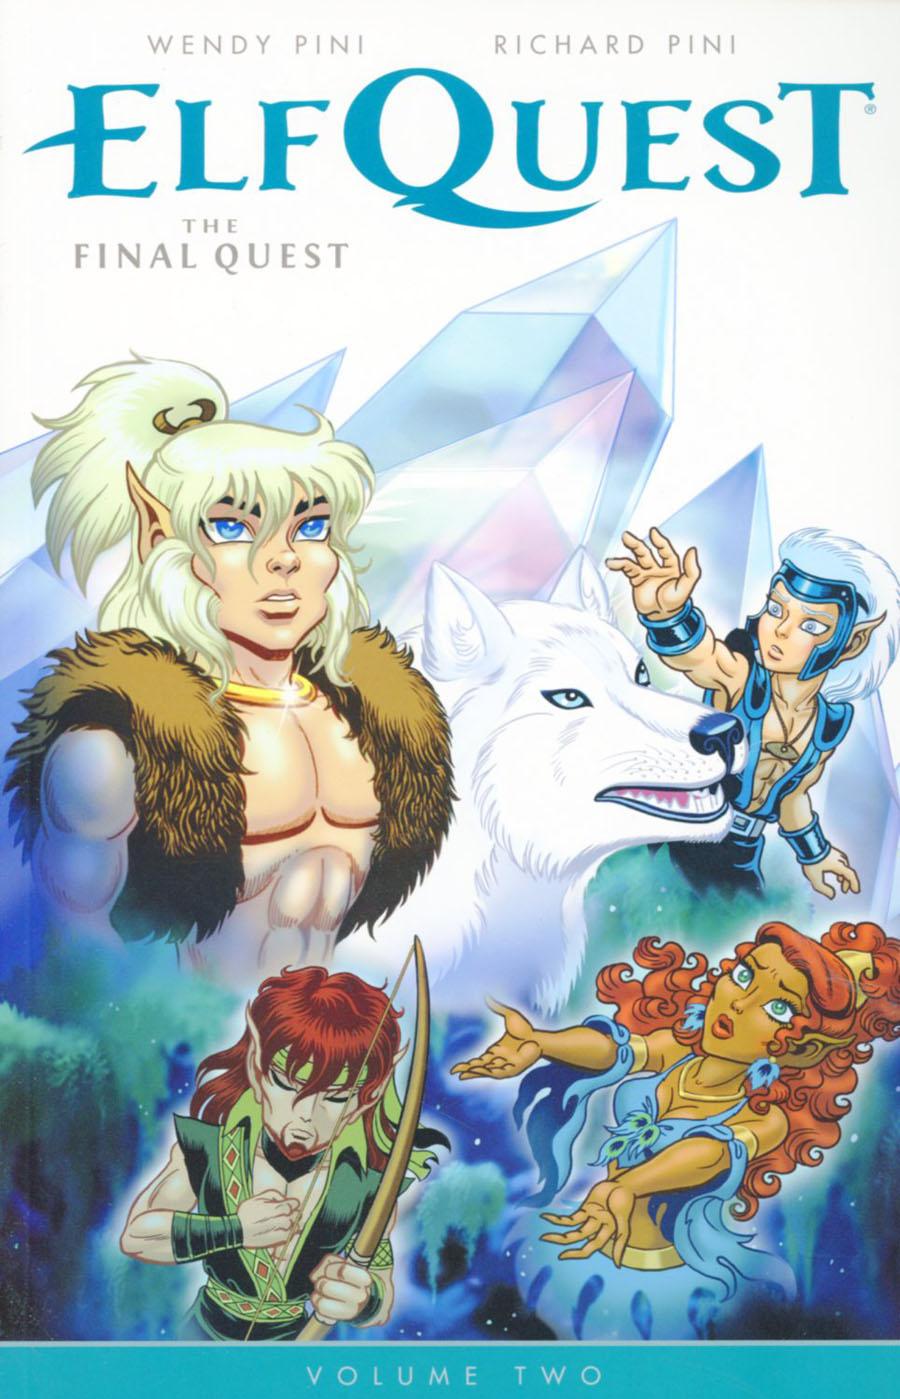 Elfquest Final Quest Vol 2 TP